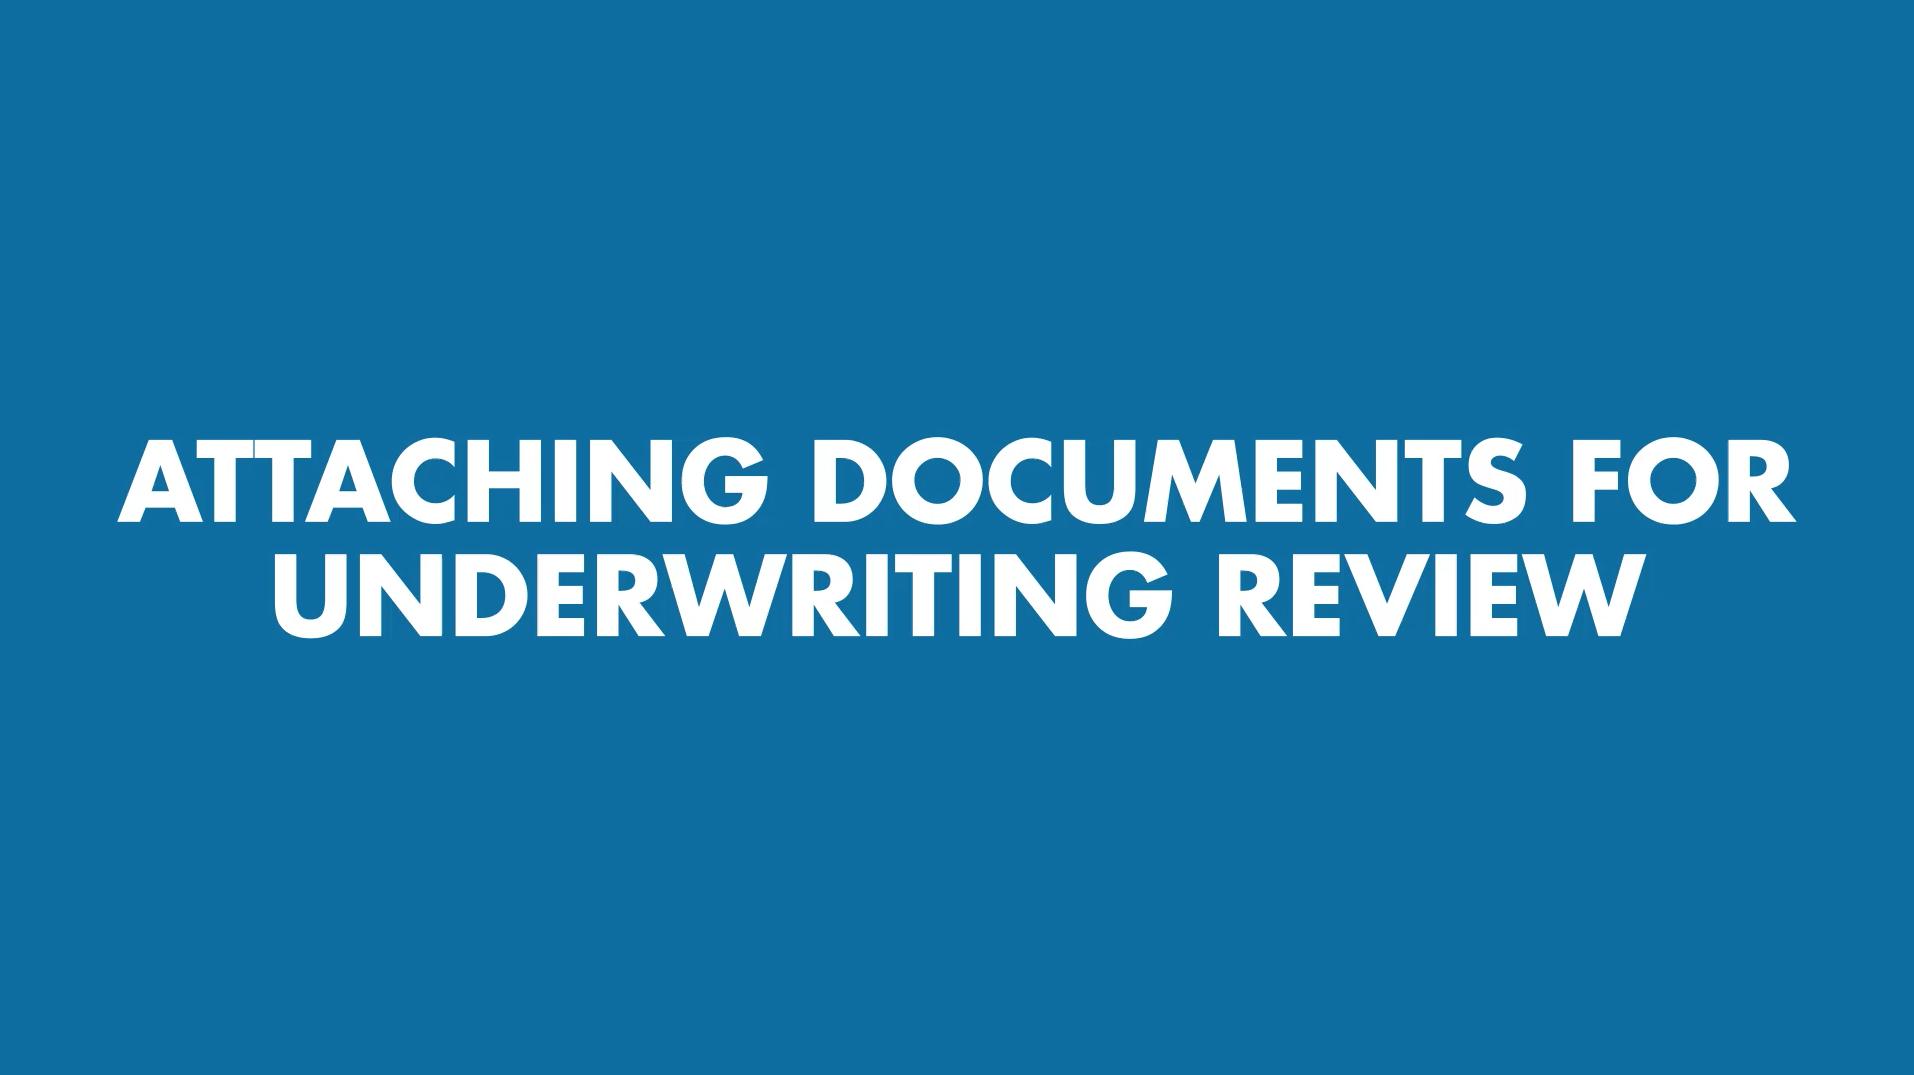 AttachingDocuments